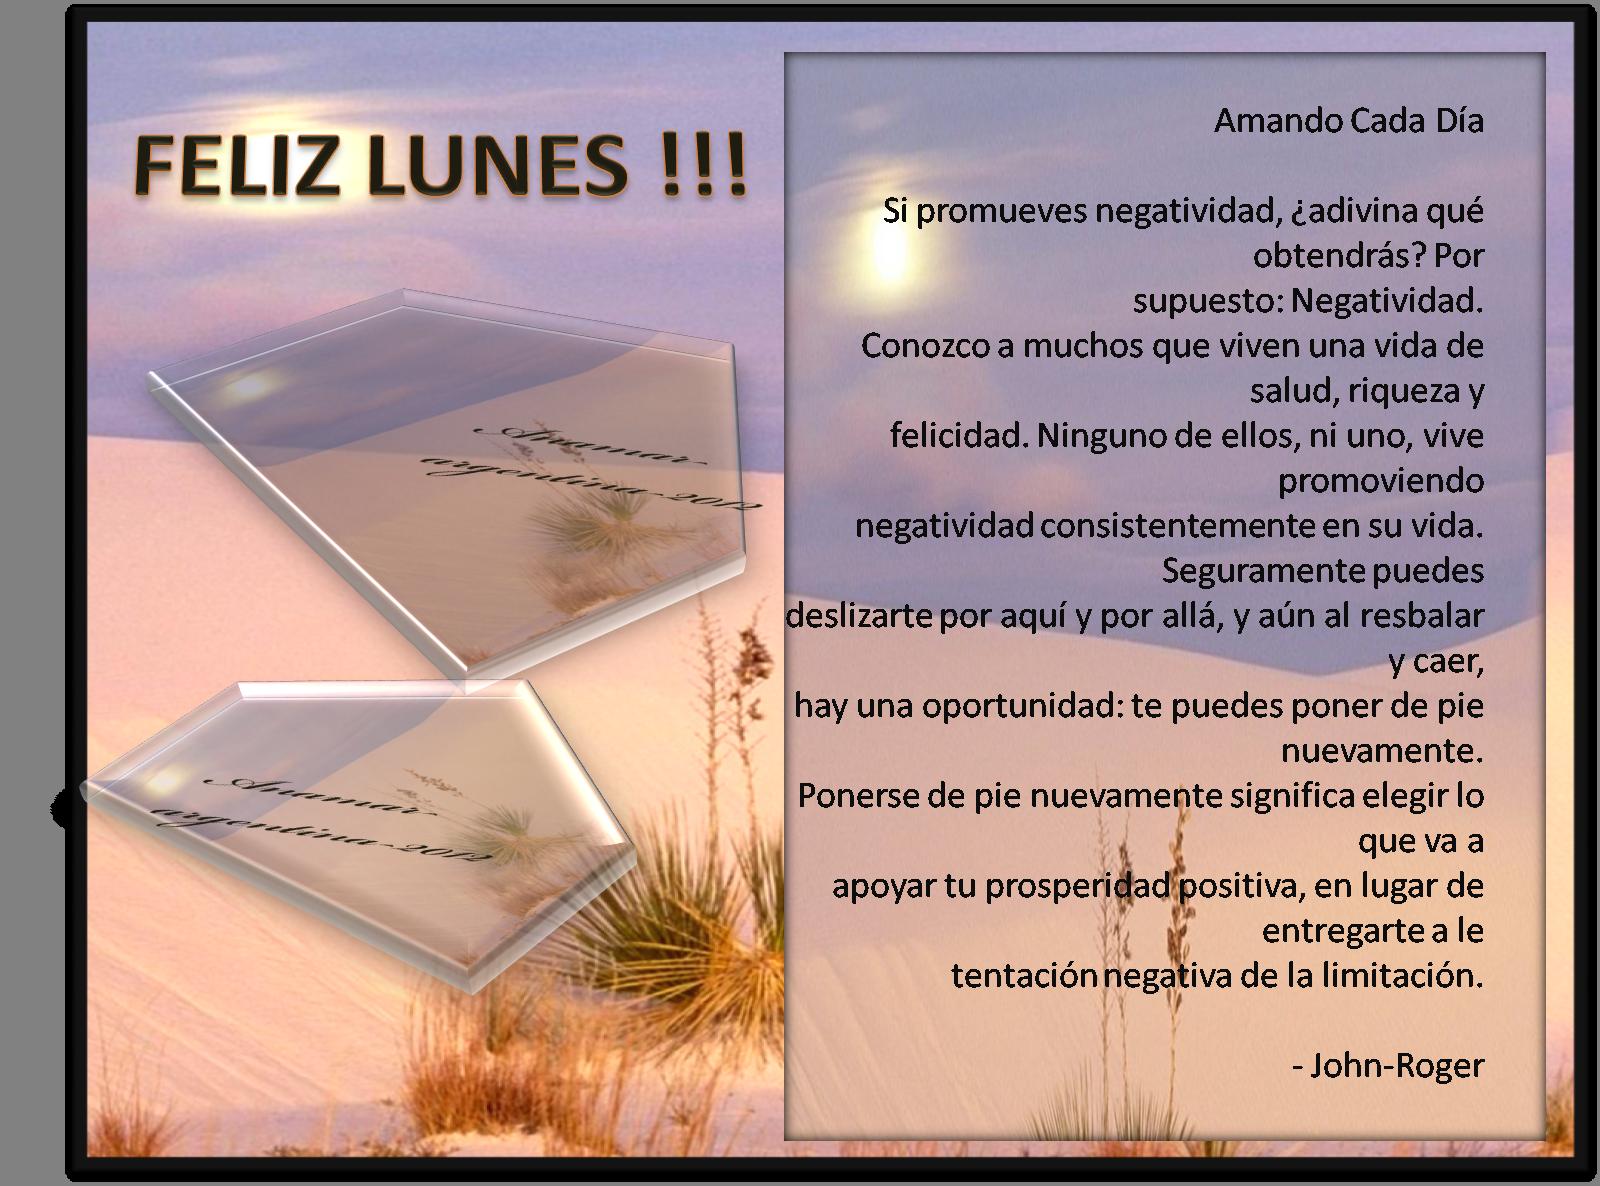 Imagenes Con Frases Feliz Lunes Anamar Argentina Mi